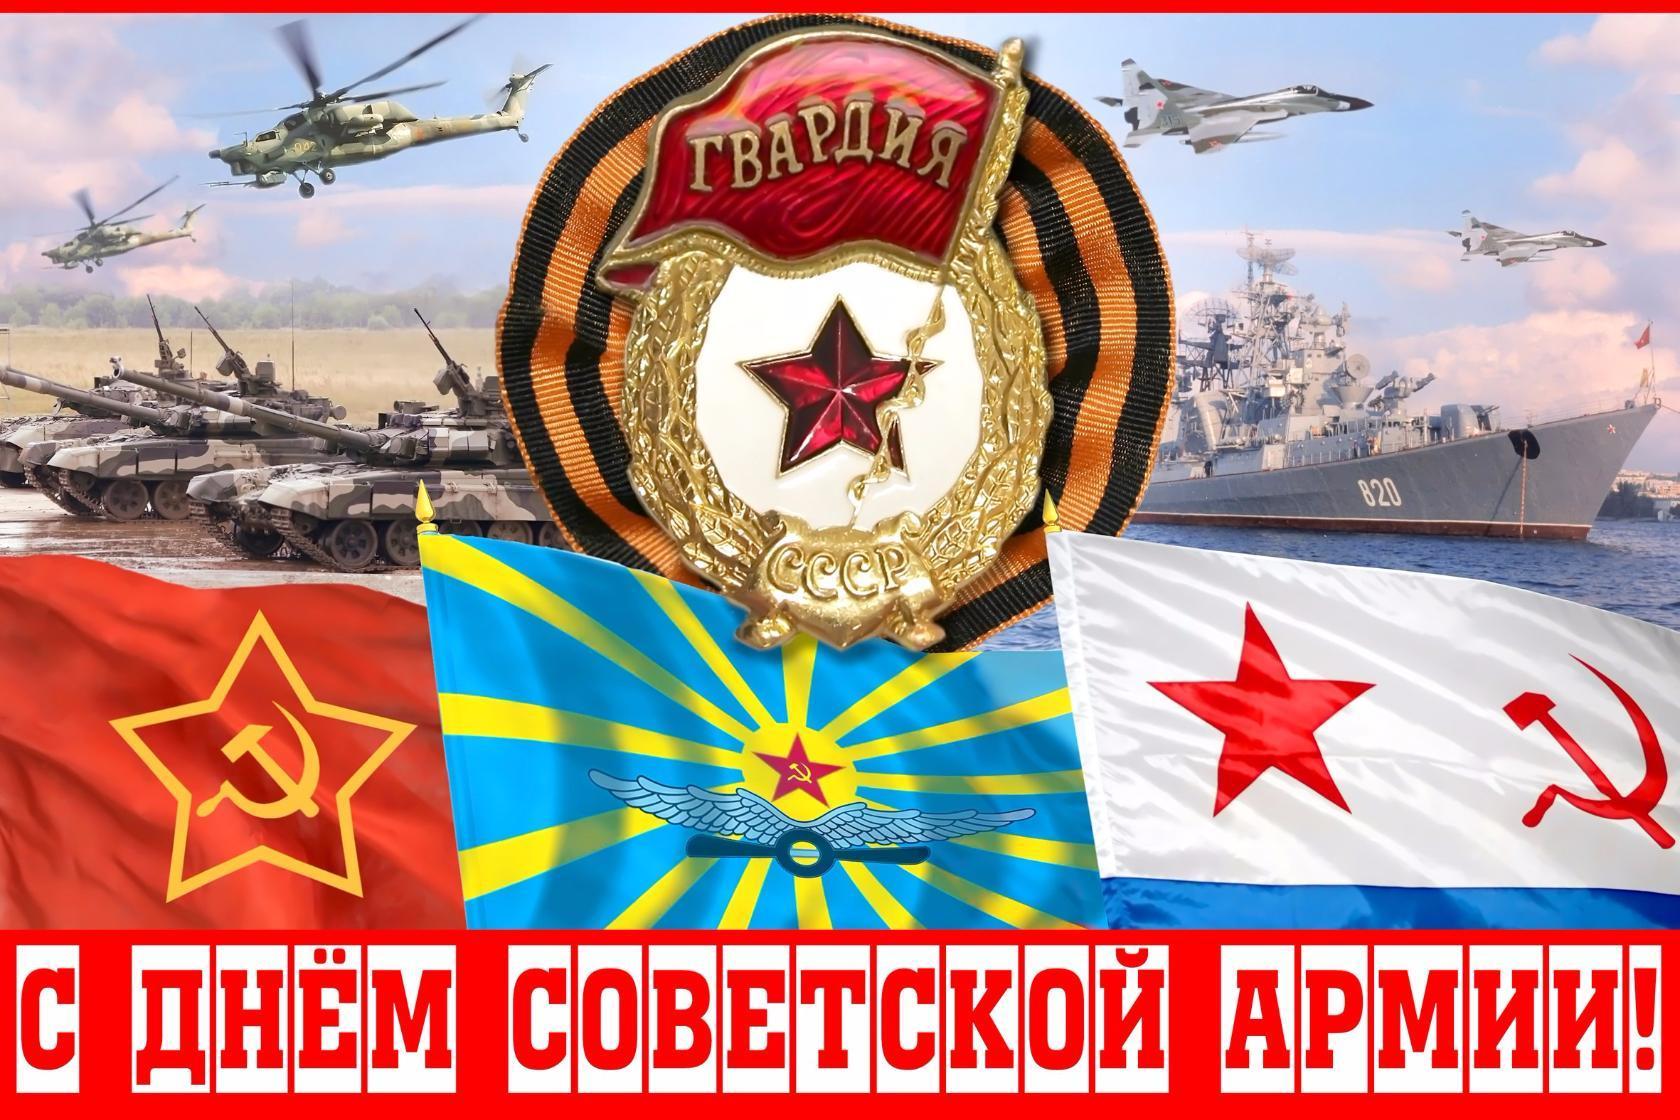 Открытки и поздравления с днем советской армии